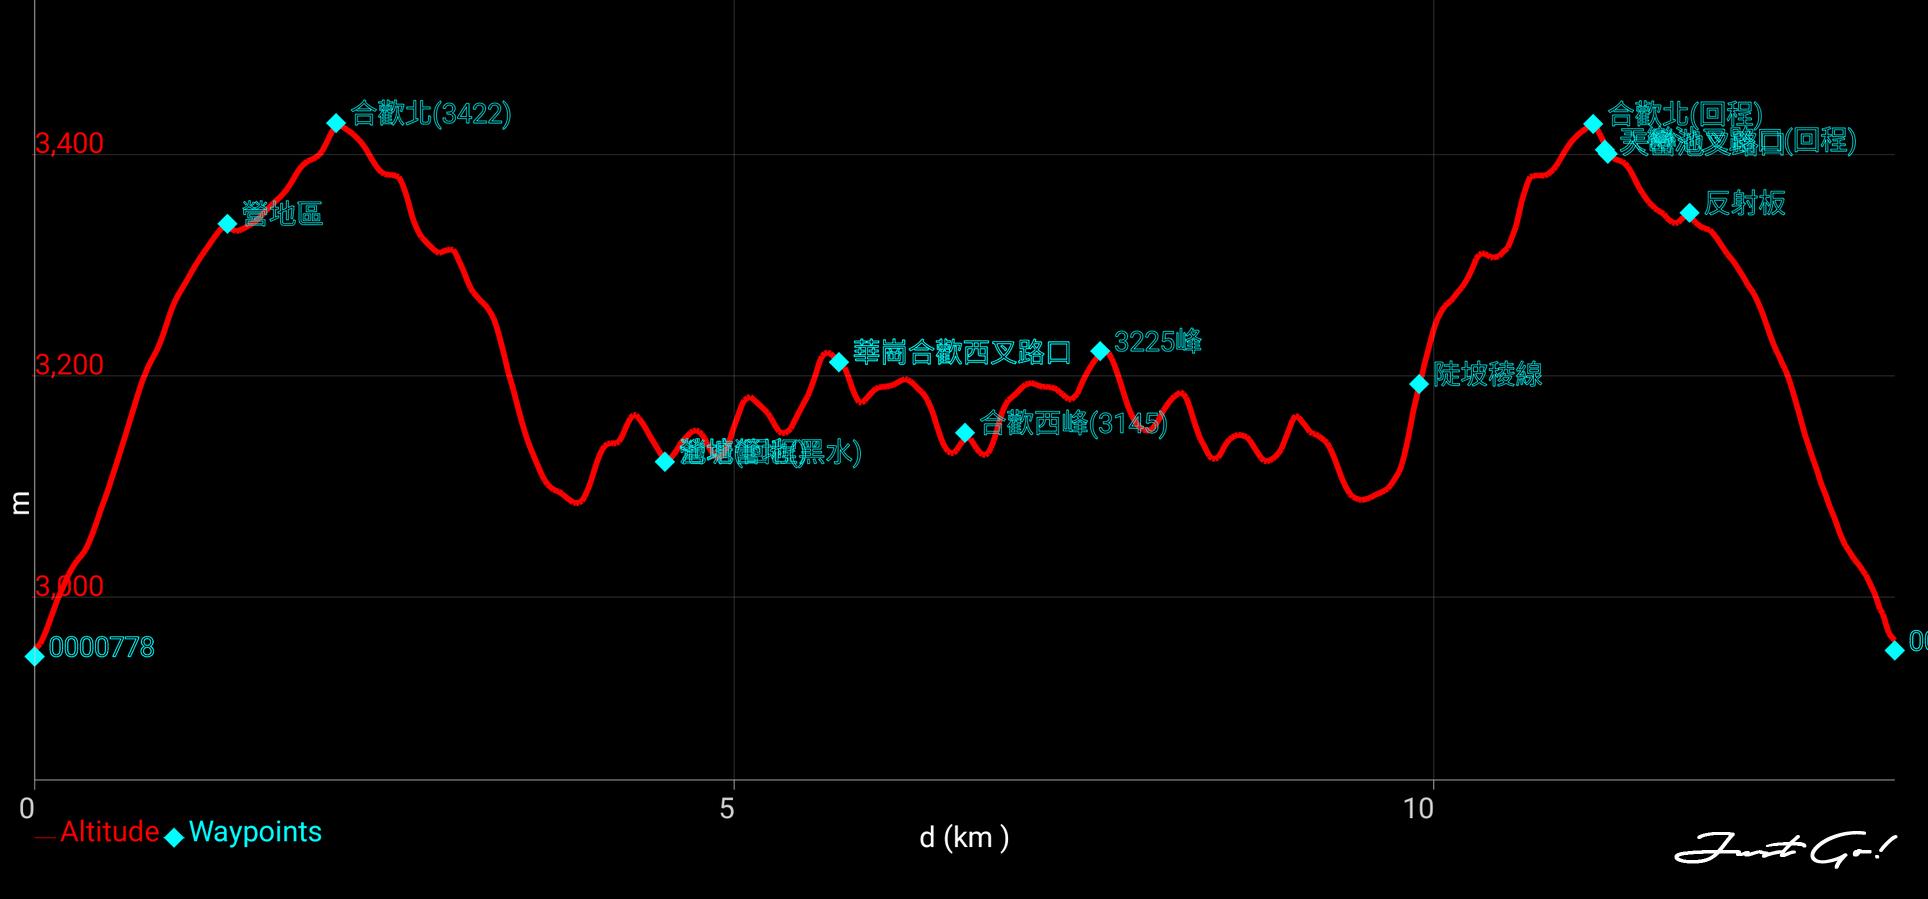 合歡西峰北峰高度圖.png